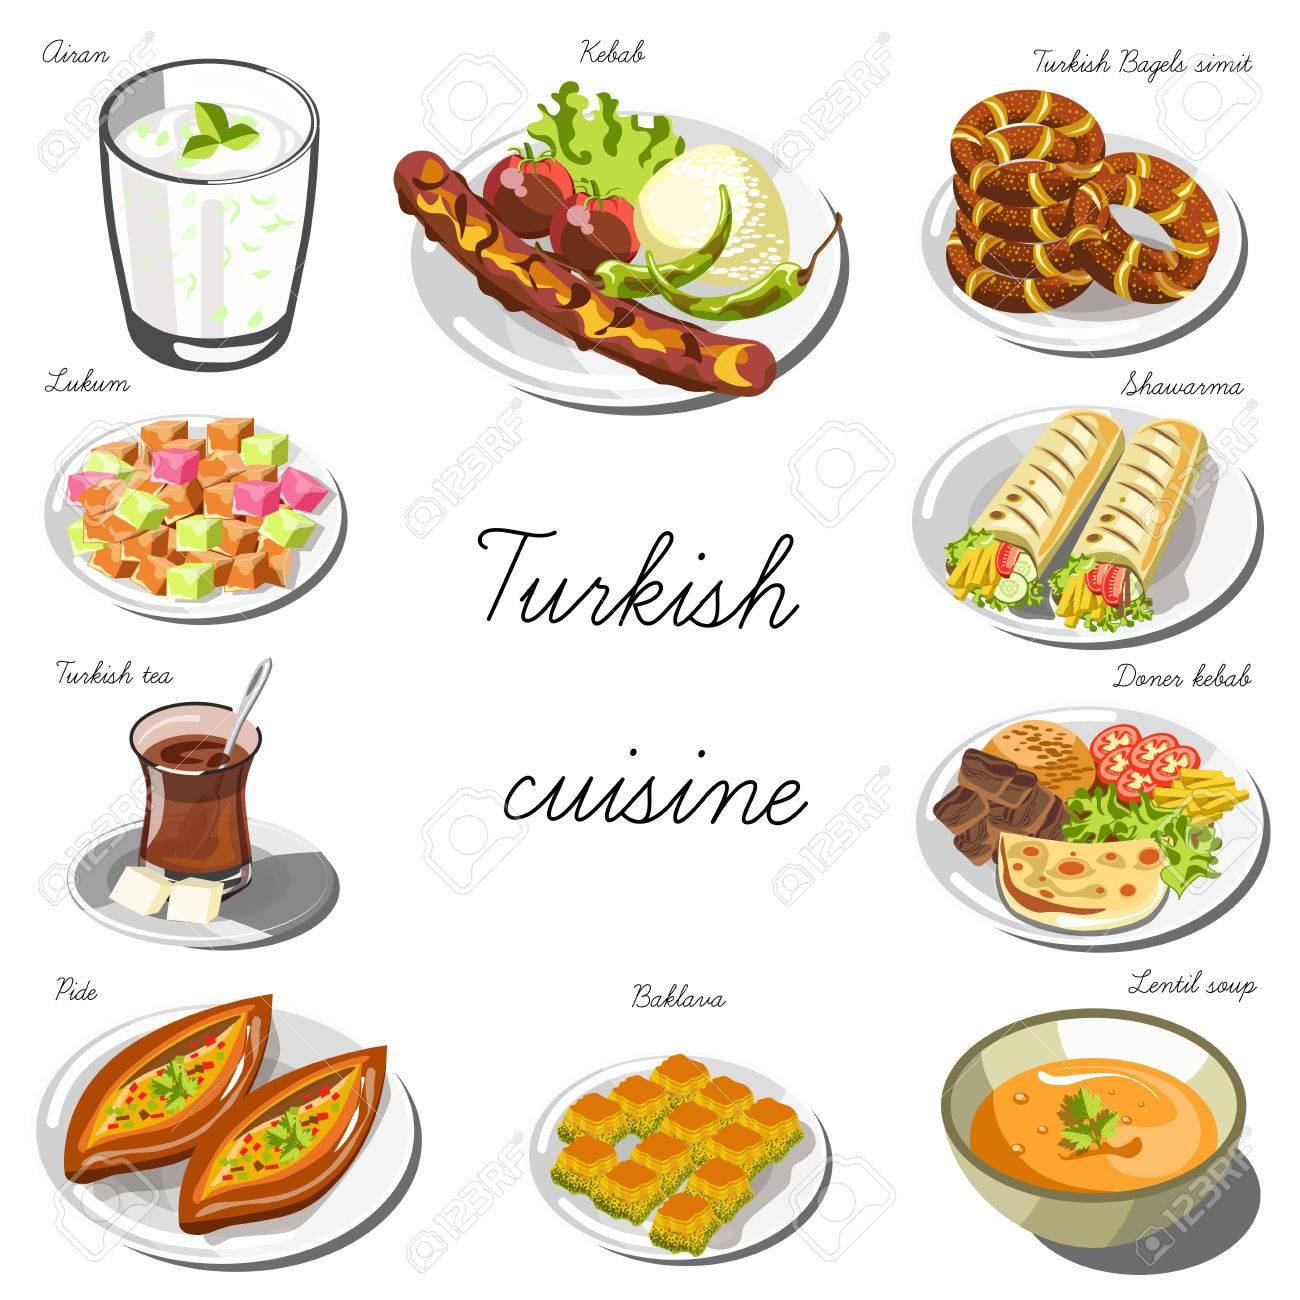 Cucina turca. Raccolta di piatti alimentari per la decorazione di  ristoranti, caffetterie, menù. Illustrazione Vettoriale. Isolato su bianco.